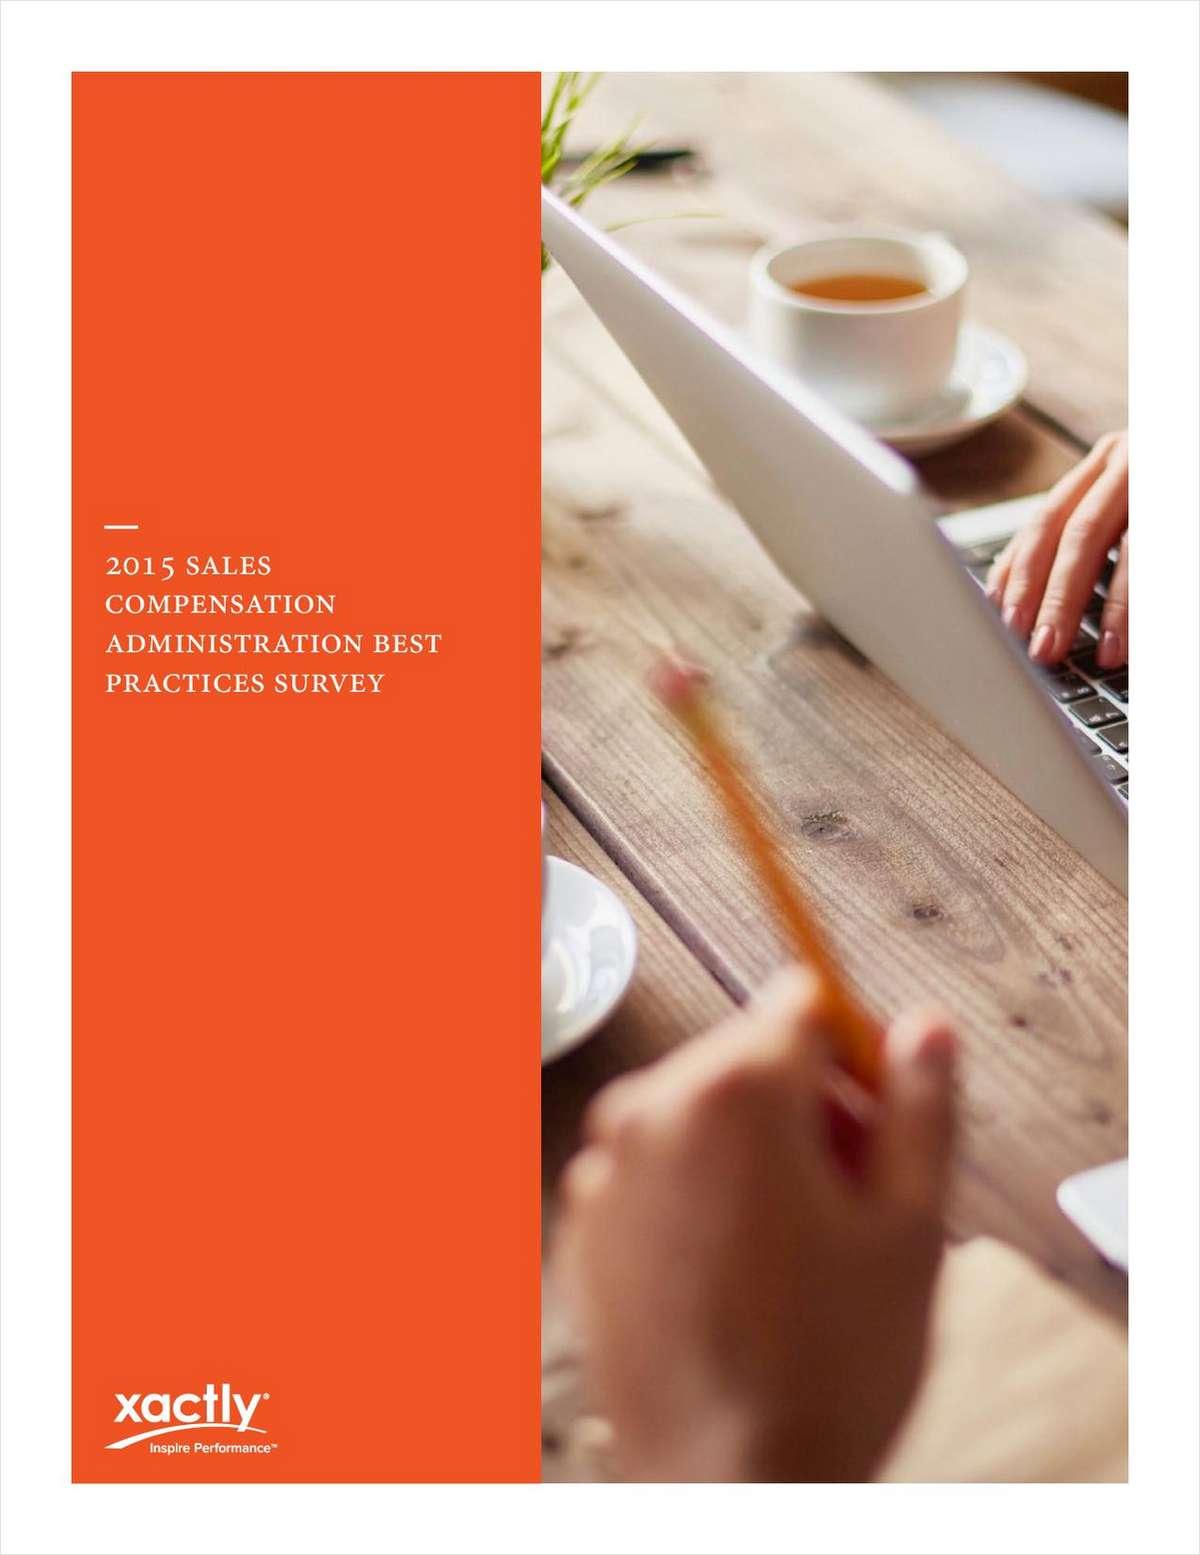 Sales Compensation Administration Best Practices Survey